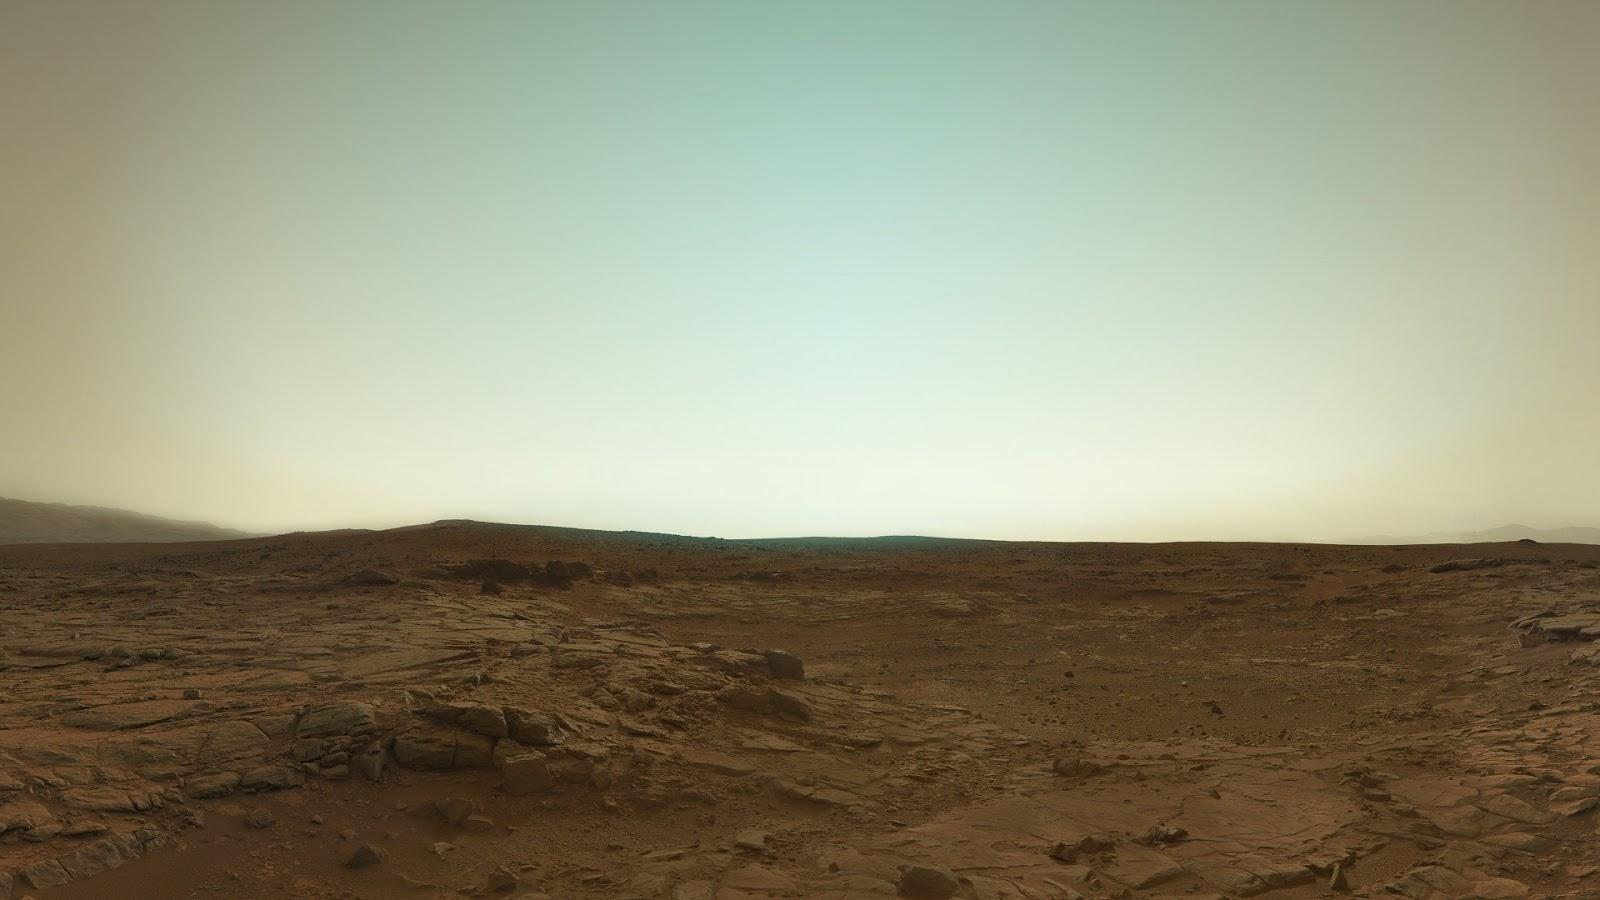 mars-in-true-color-from-Curiosity.jpg